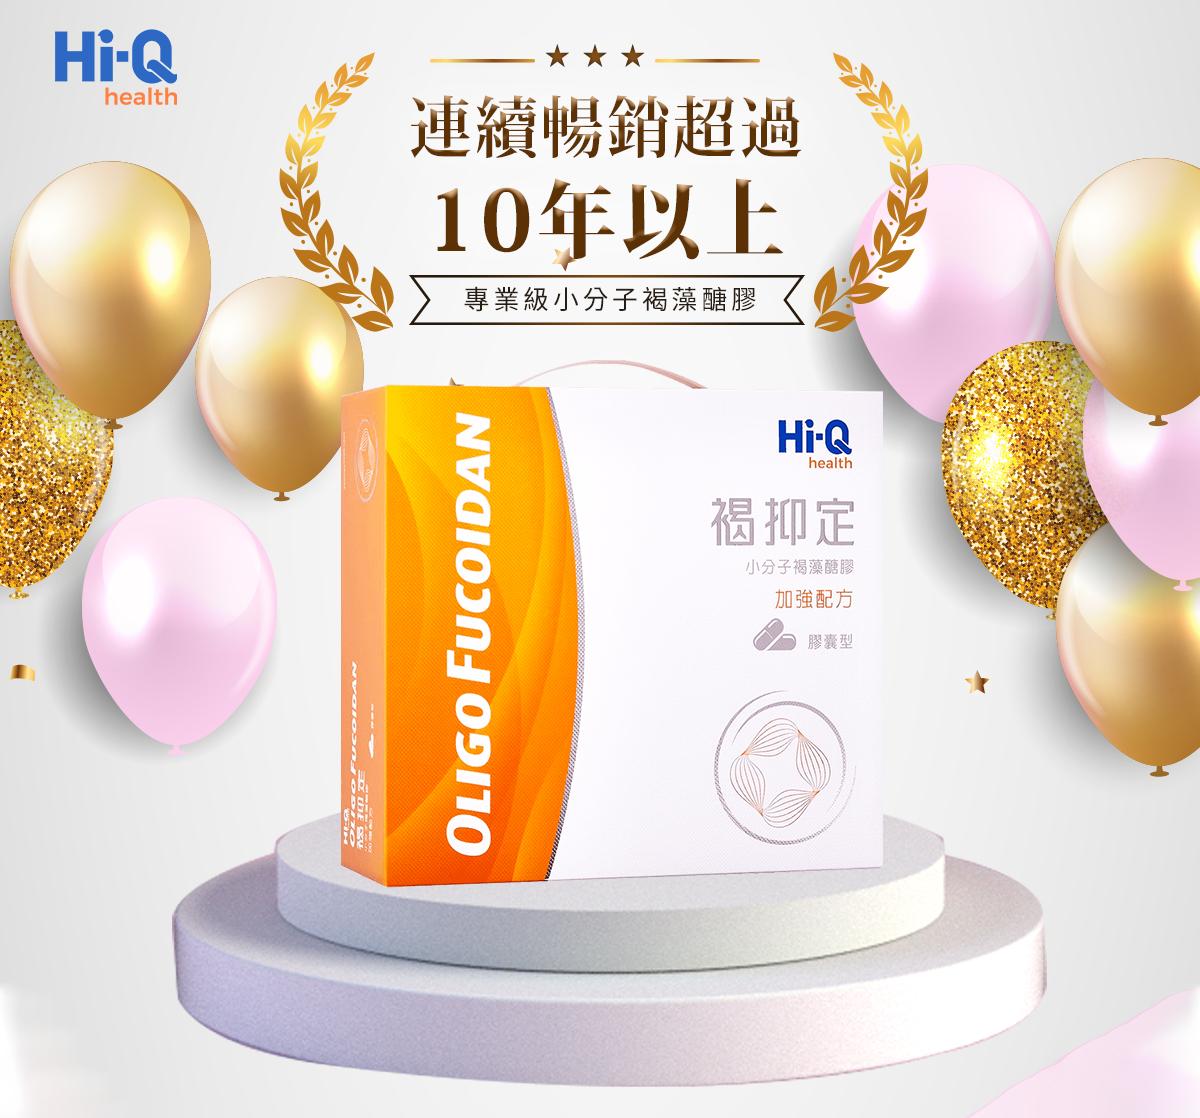 褐抑定褐藻醣膠連續熱銷超過10年以上台灣第一品牌